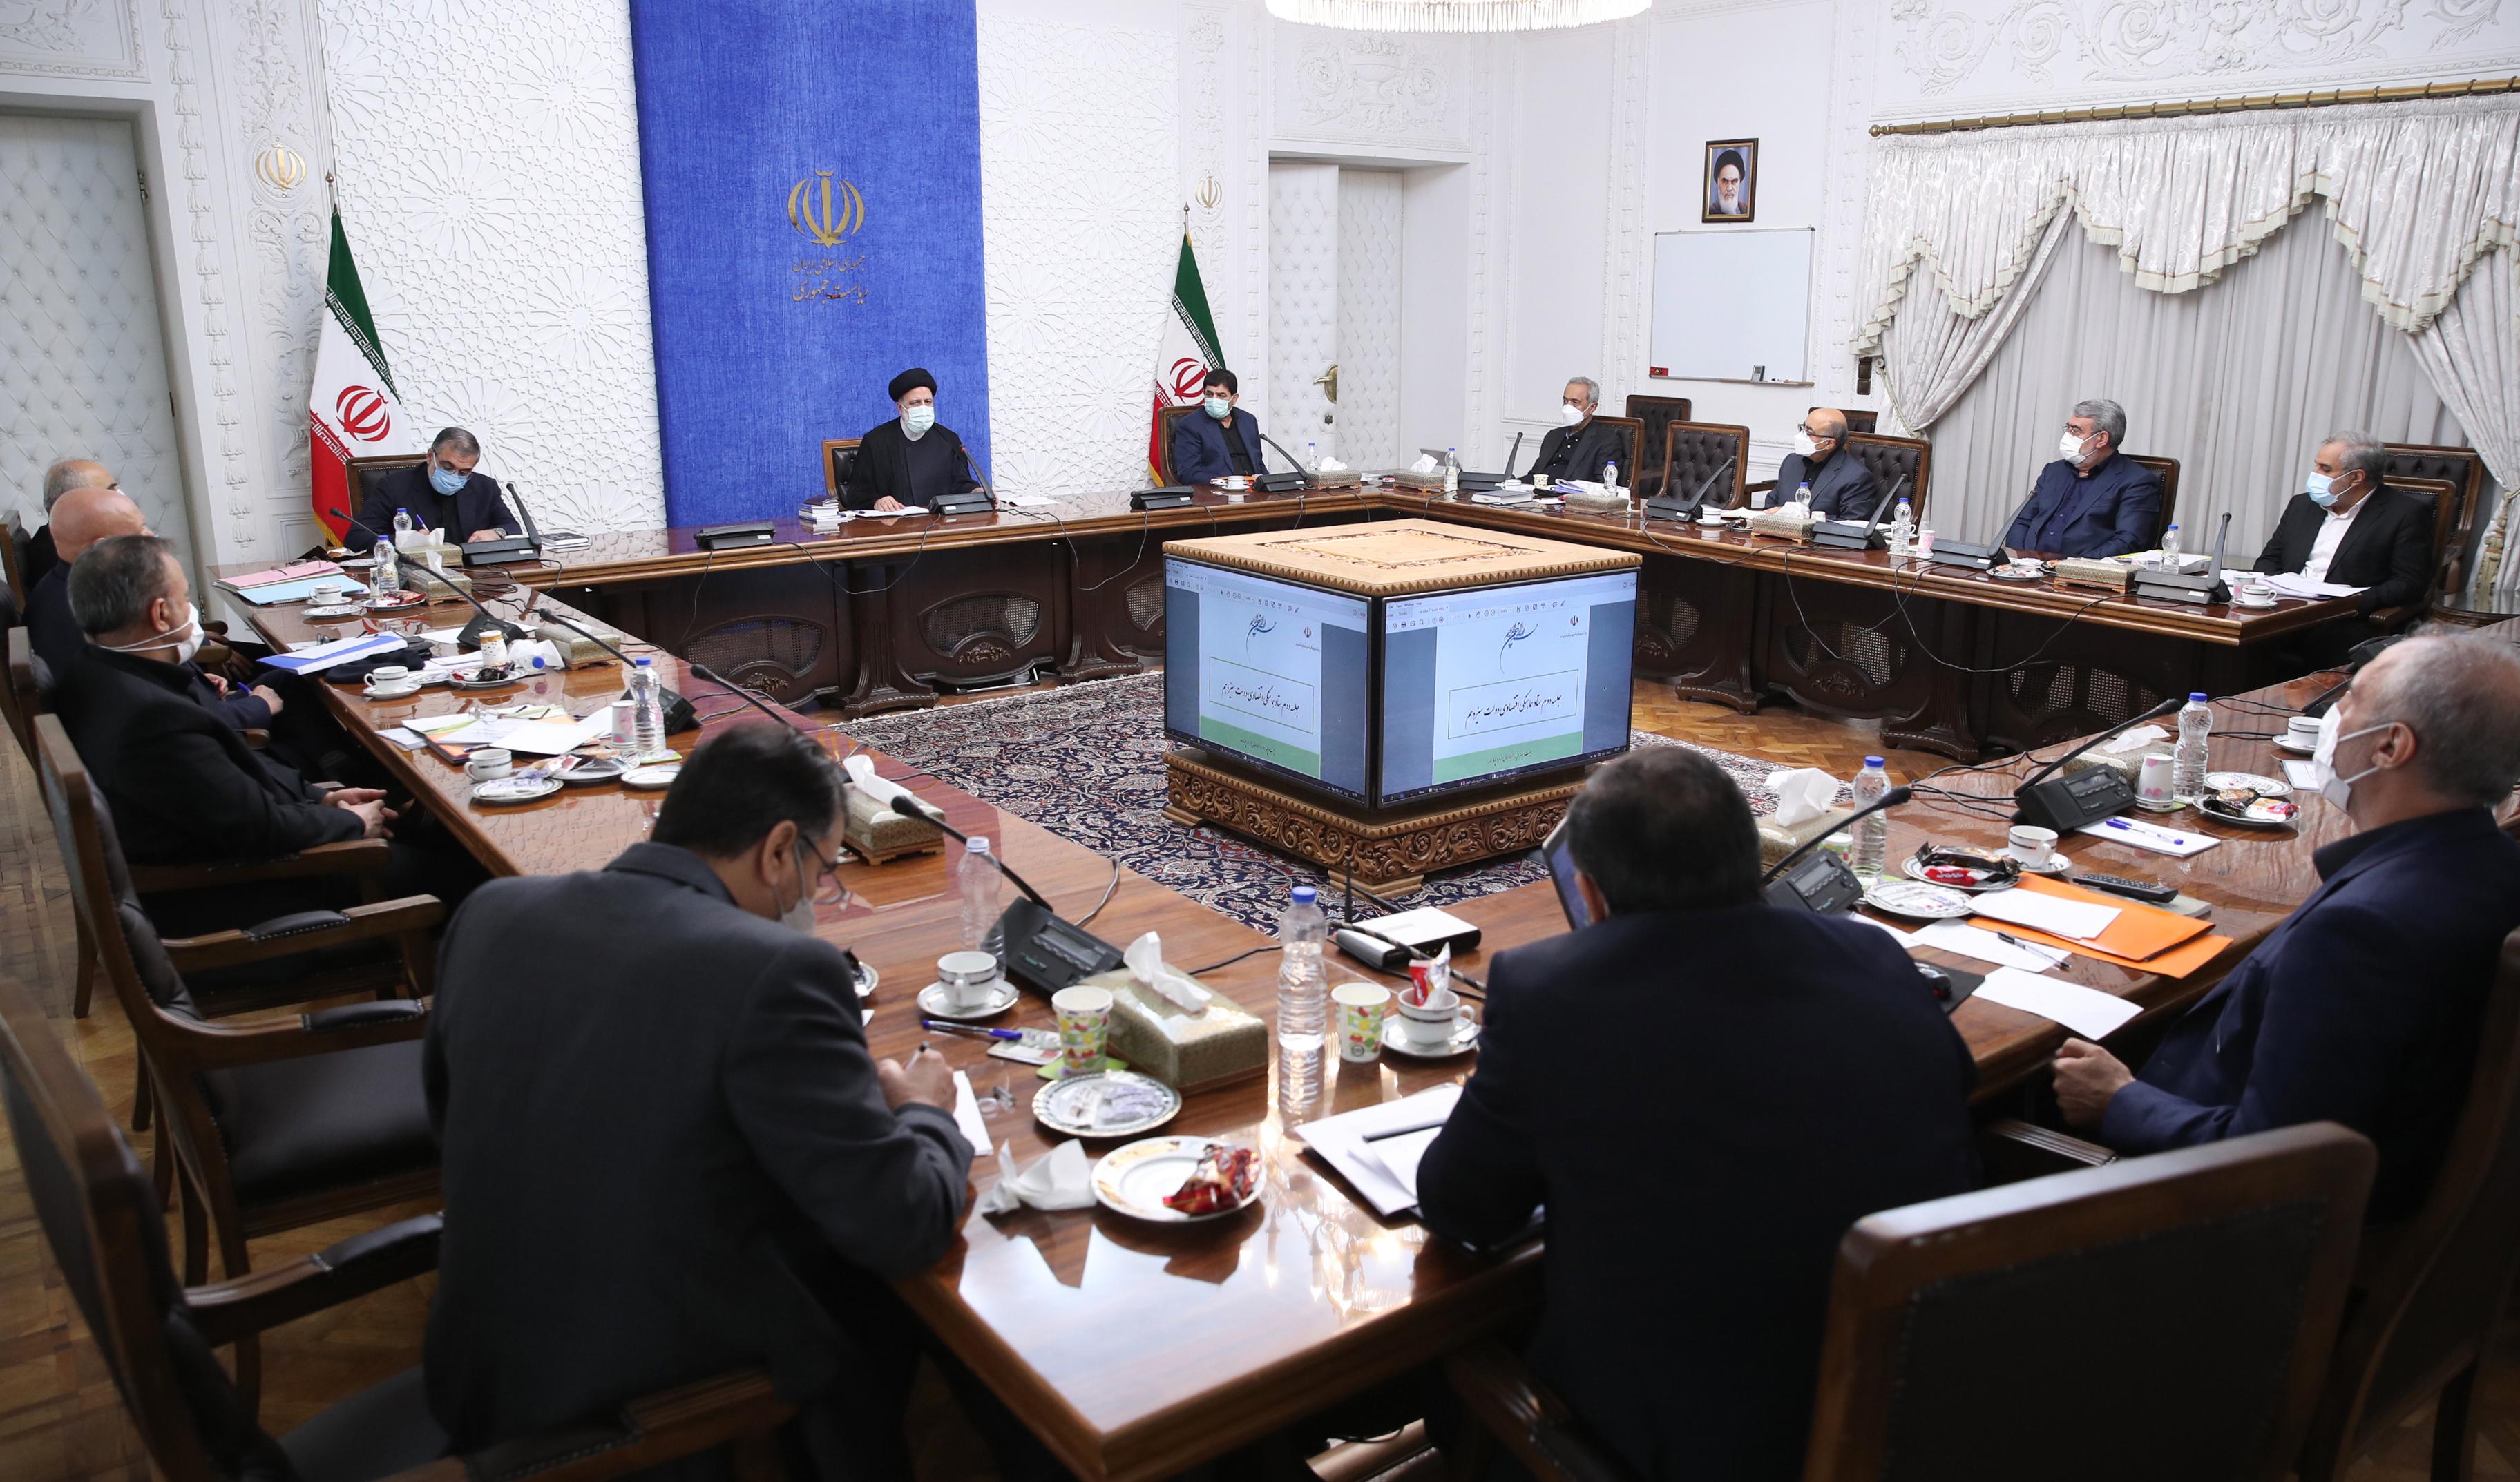 وزارتخانههای صمت و اقتصاد موظف به حمایت از تولید داخلی شدند